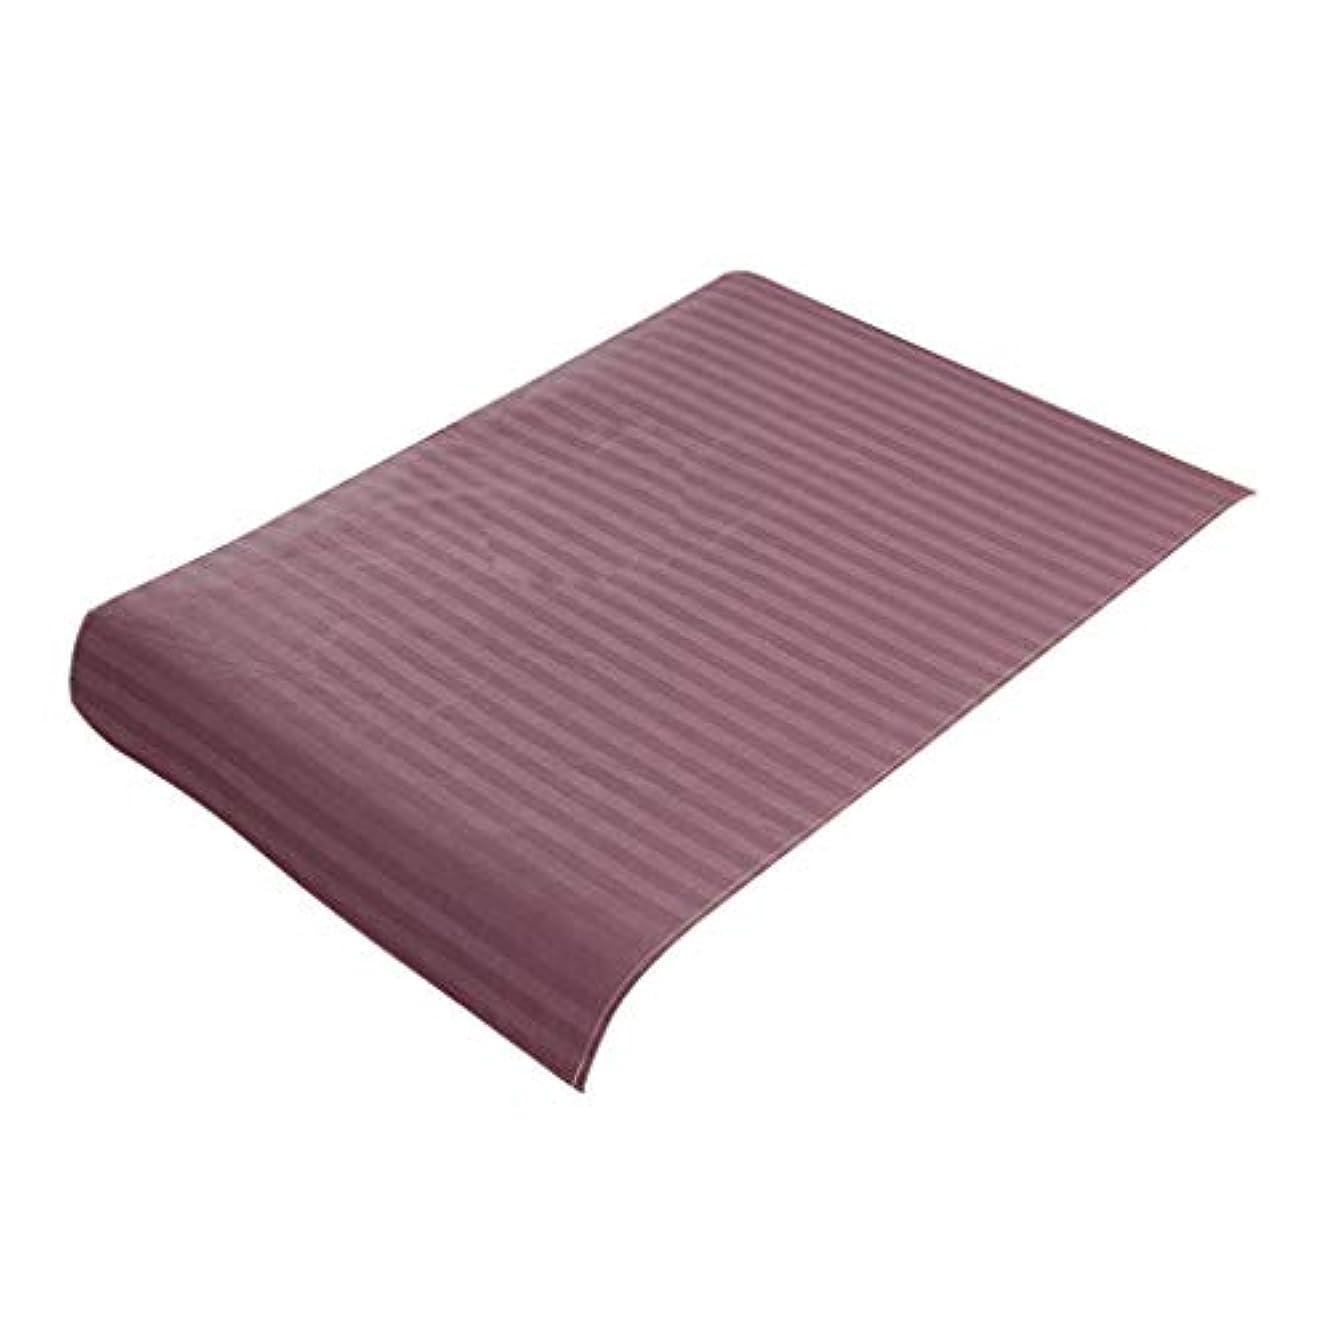 机ハンディ告白スパ マッサージベッドカバー 美容ベッドカバー 綿製 断面 マッサージテーブルスカート 60x90cm - 紫